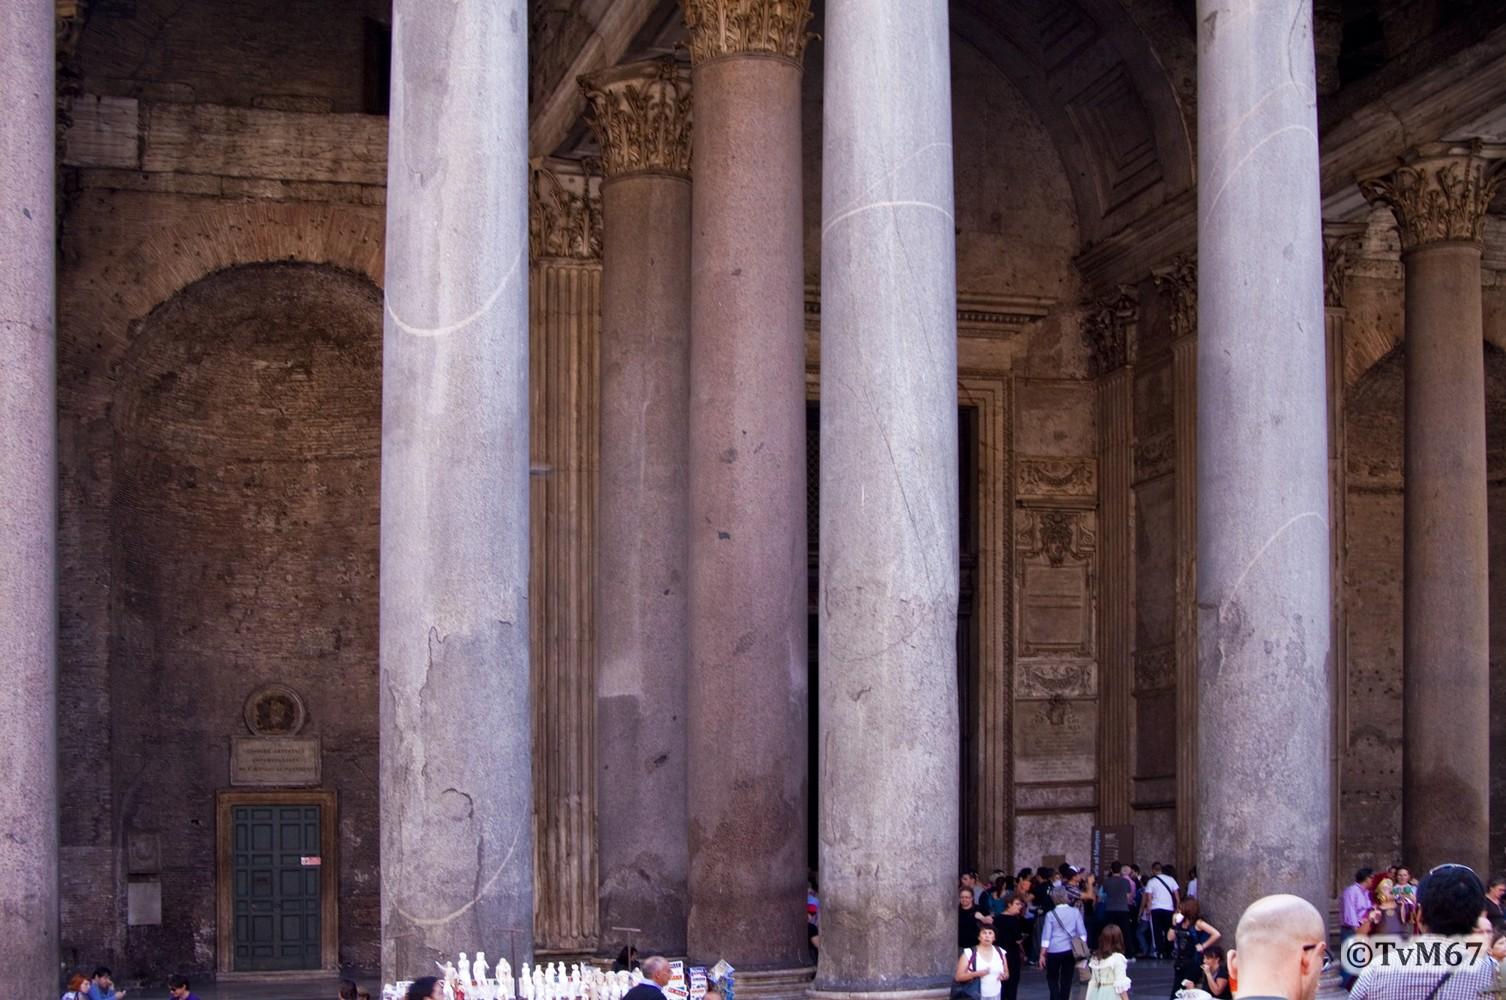 Roma, Pantheon, Narthex 1, 2009